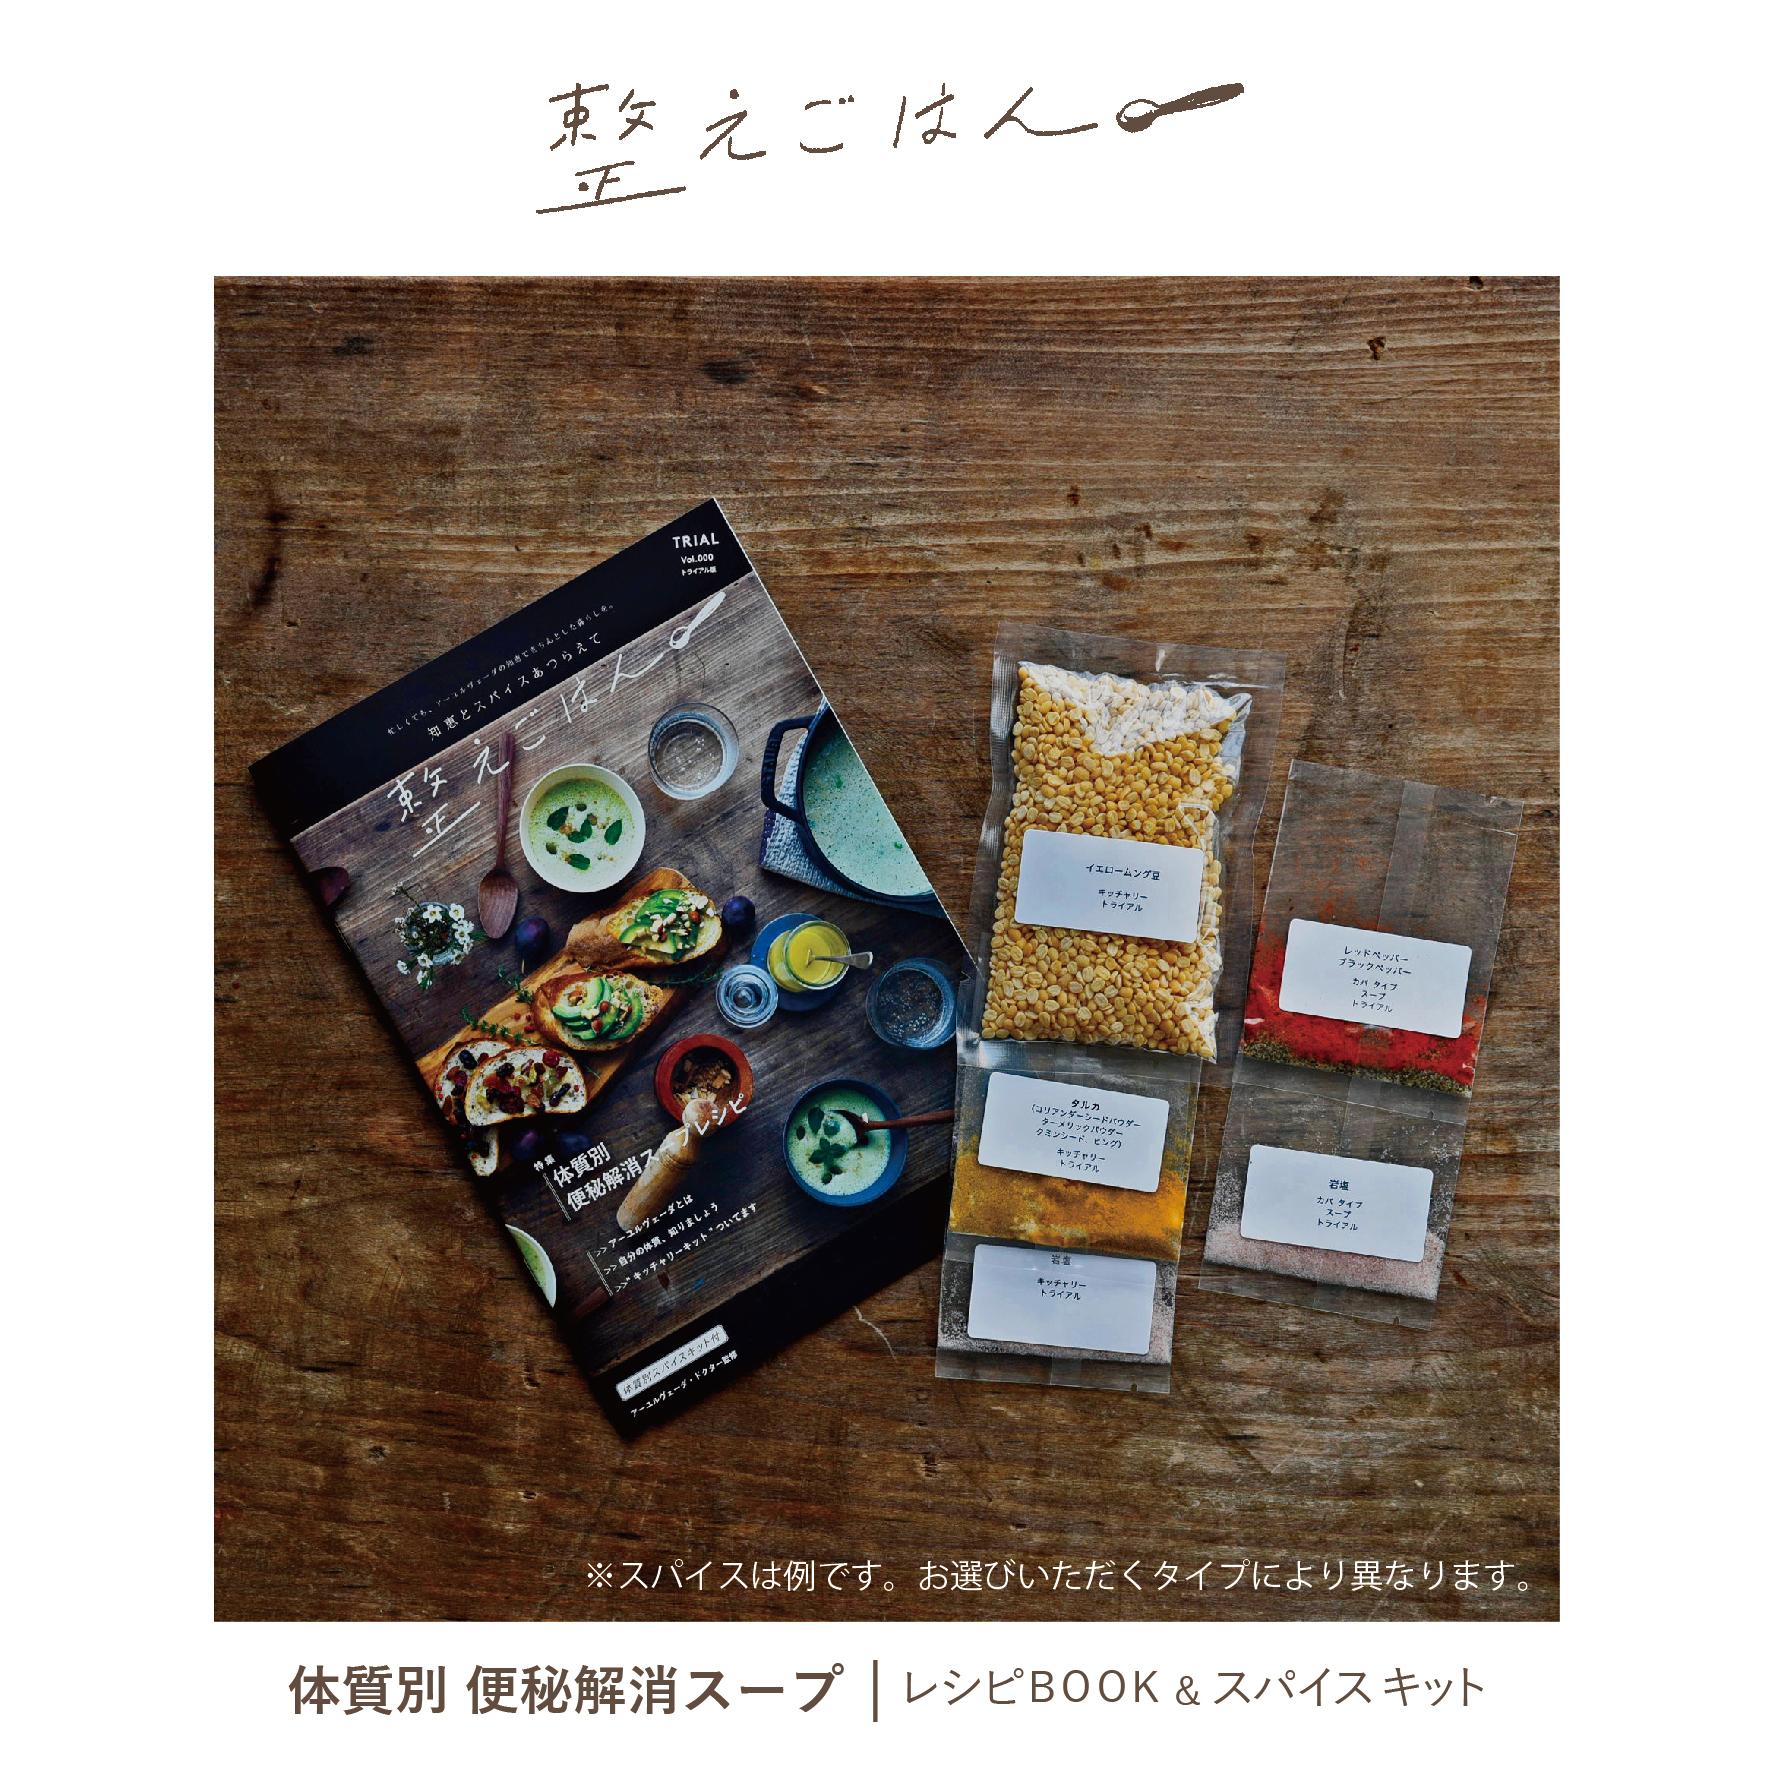 【送料無料】 整えごはん『便秘解消スープ』 レシピBOOK & スパイス キット キッチャリーキット付